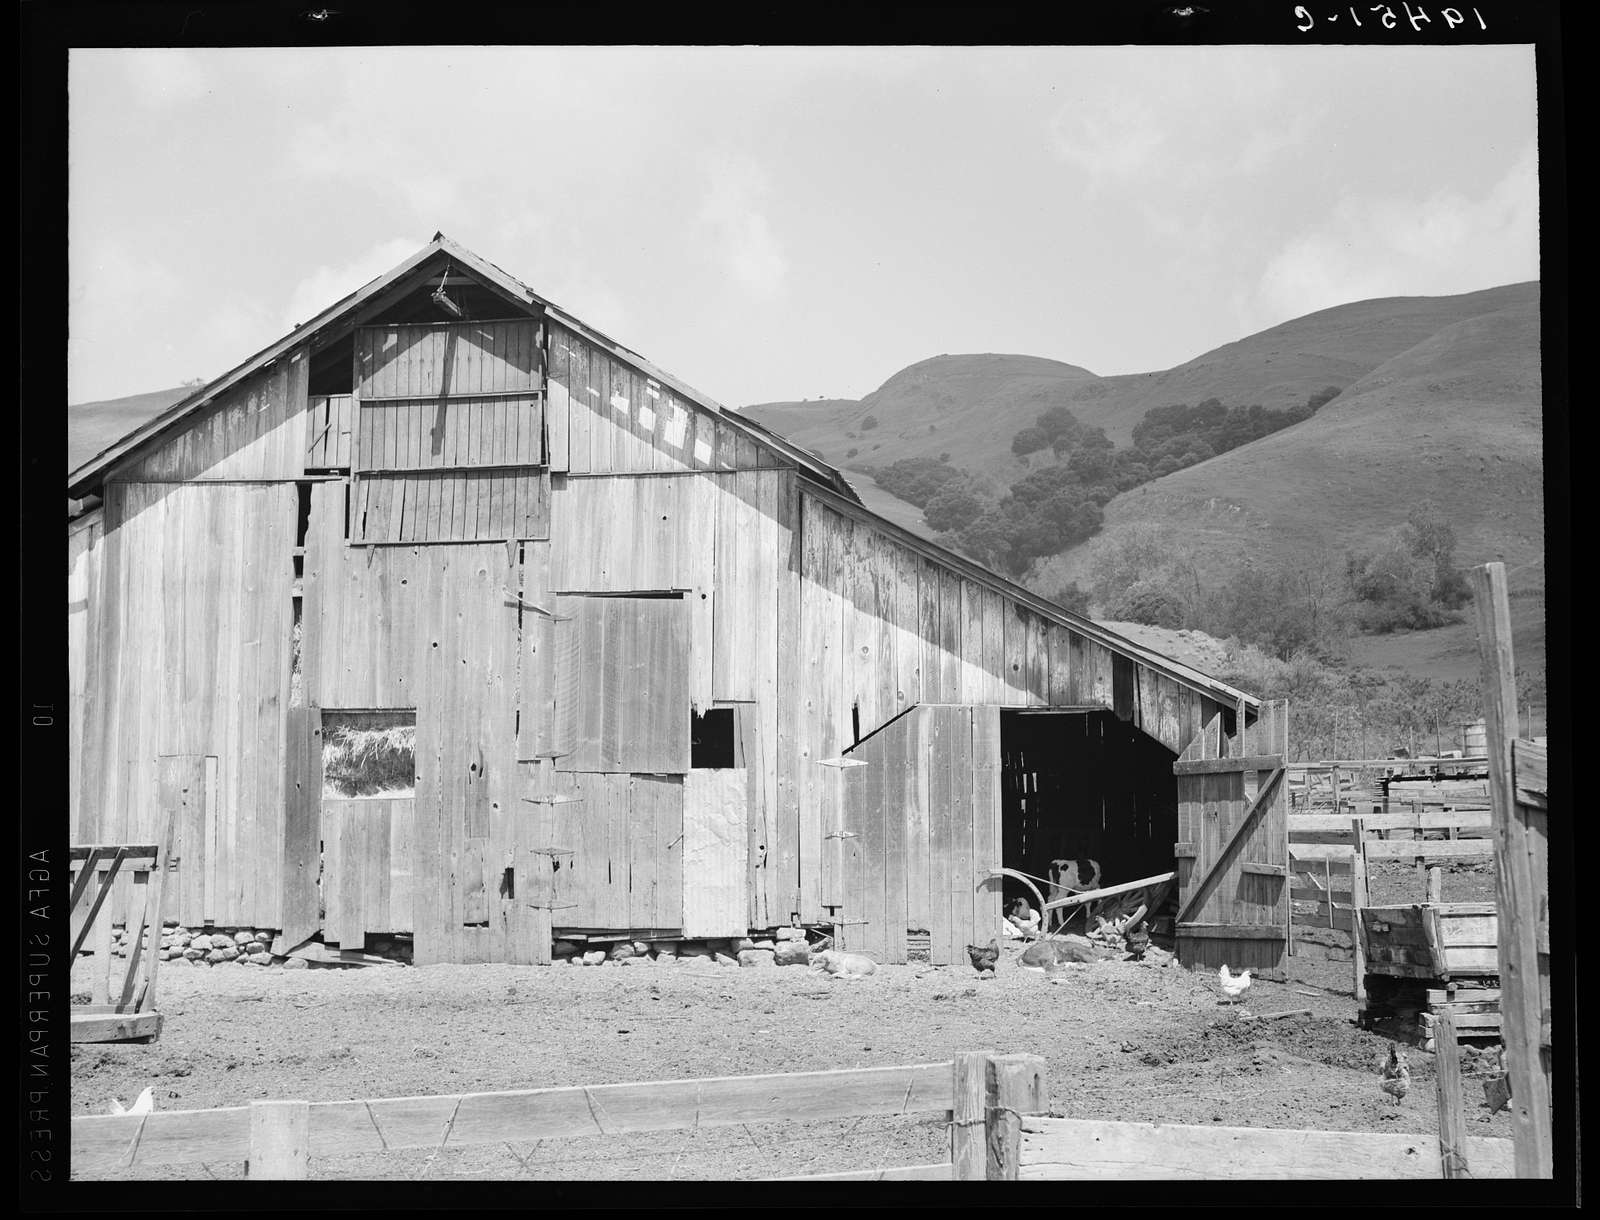 Farmyard of small Italian farmer. Santa Clara County, California